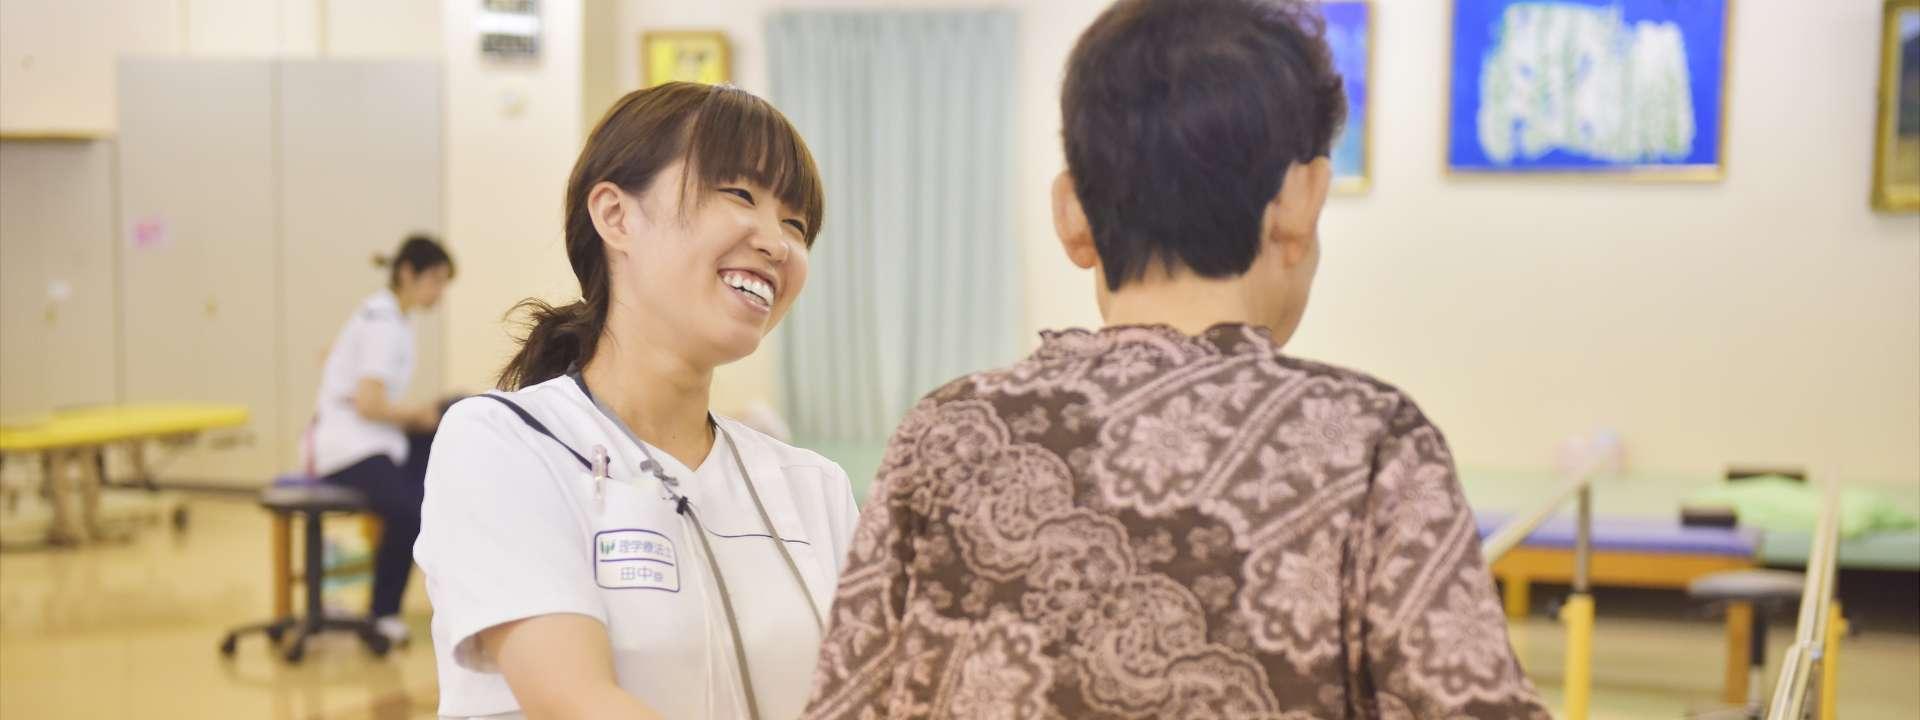 新古賀リハビリテーション病院 みらい_02